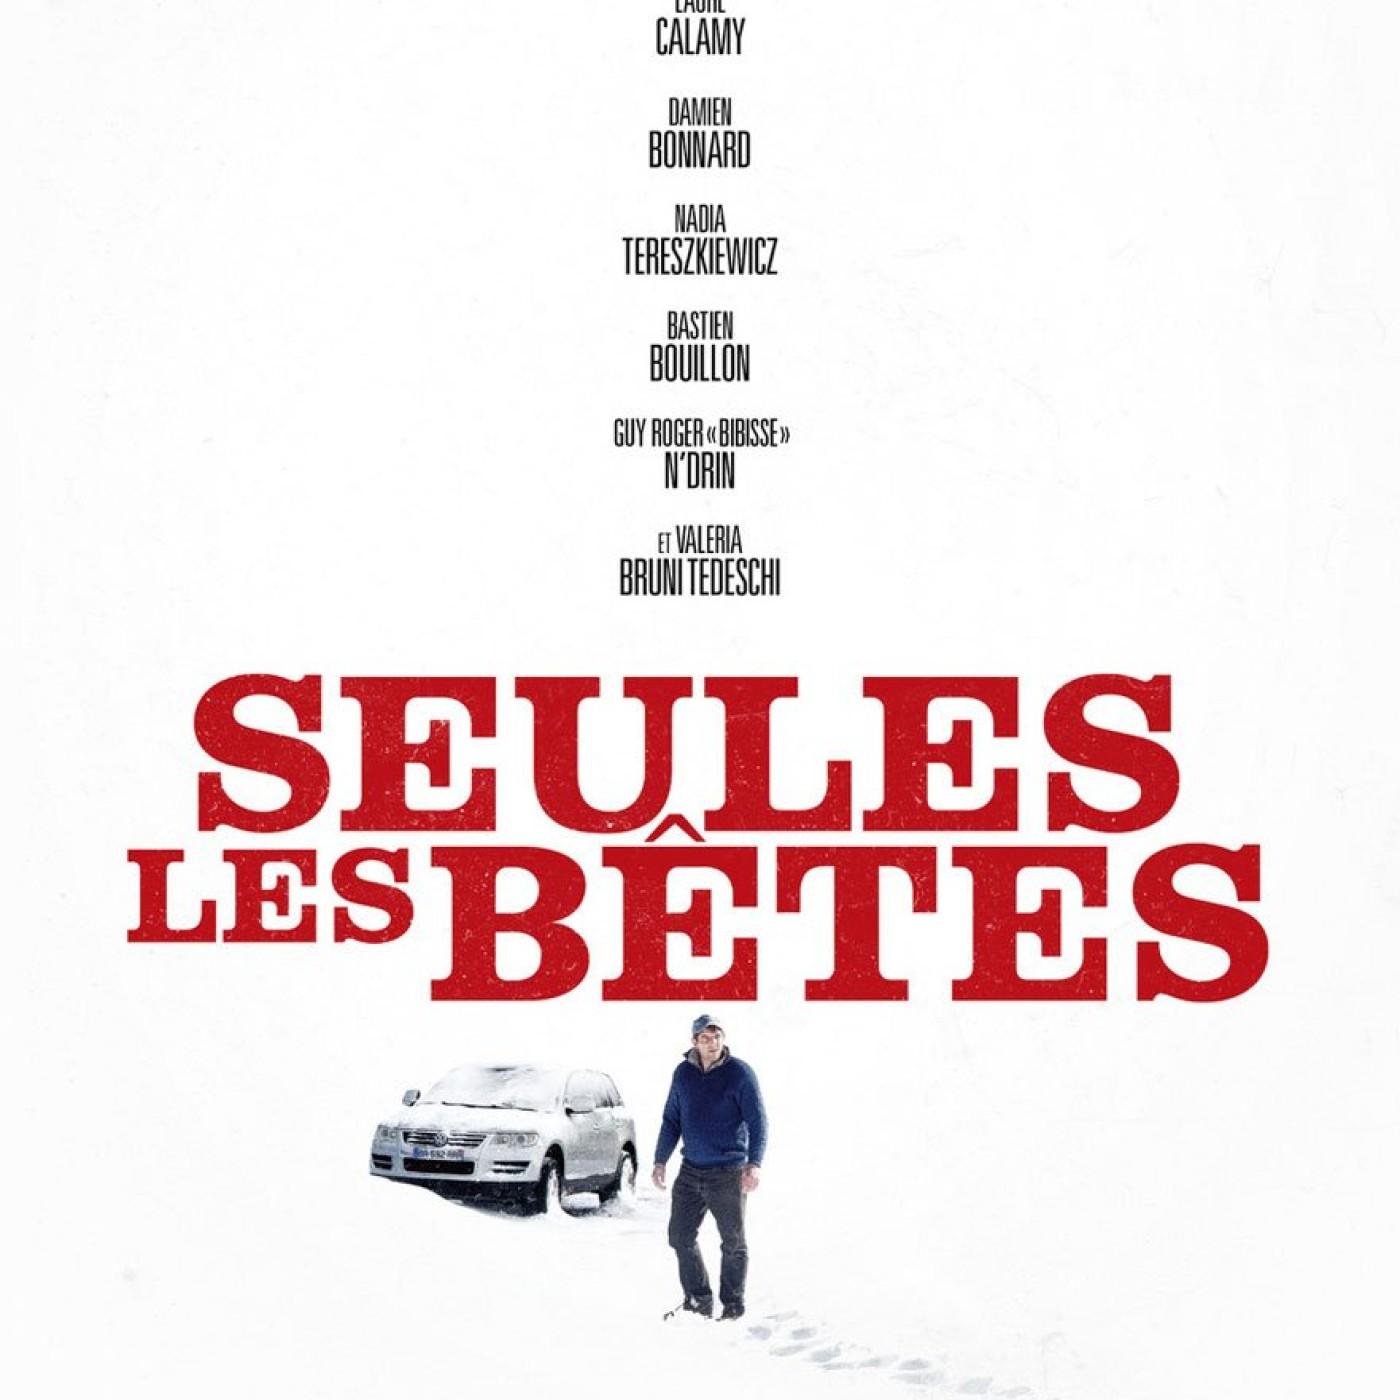 Critique du Film SEULES LES BETES